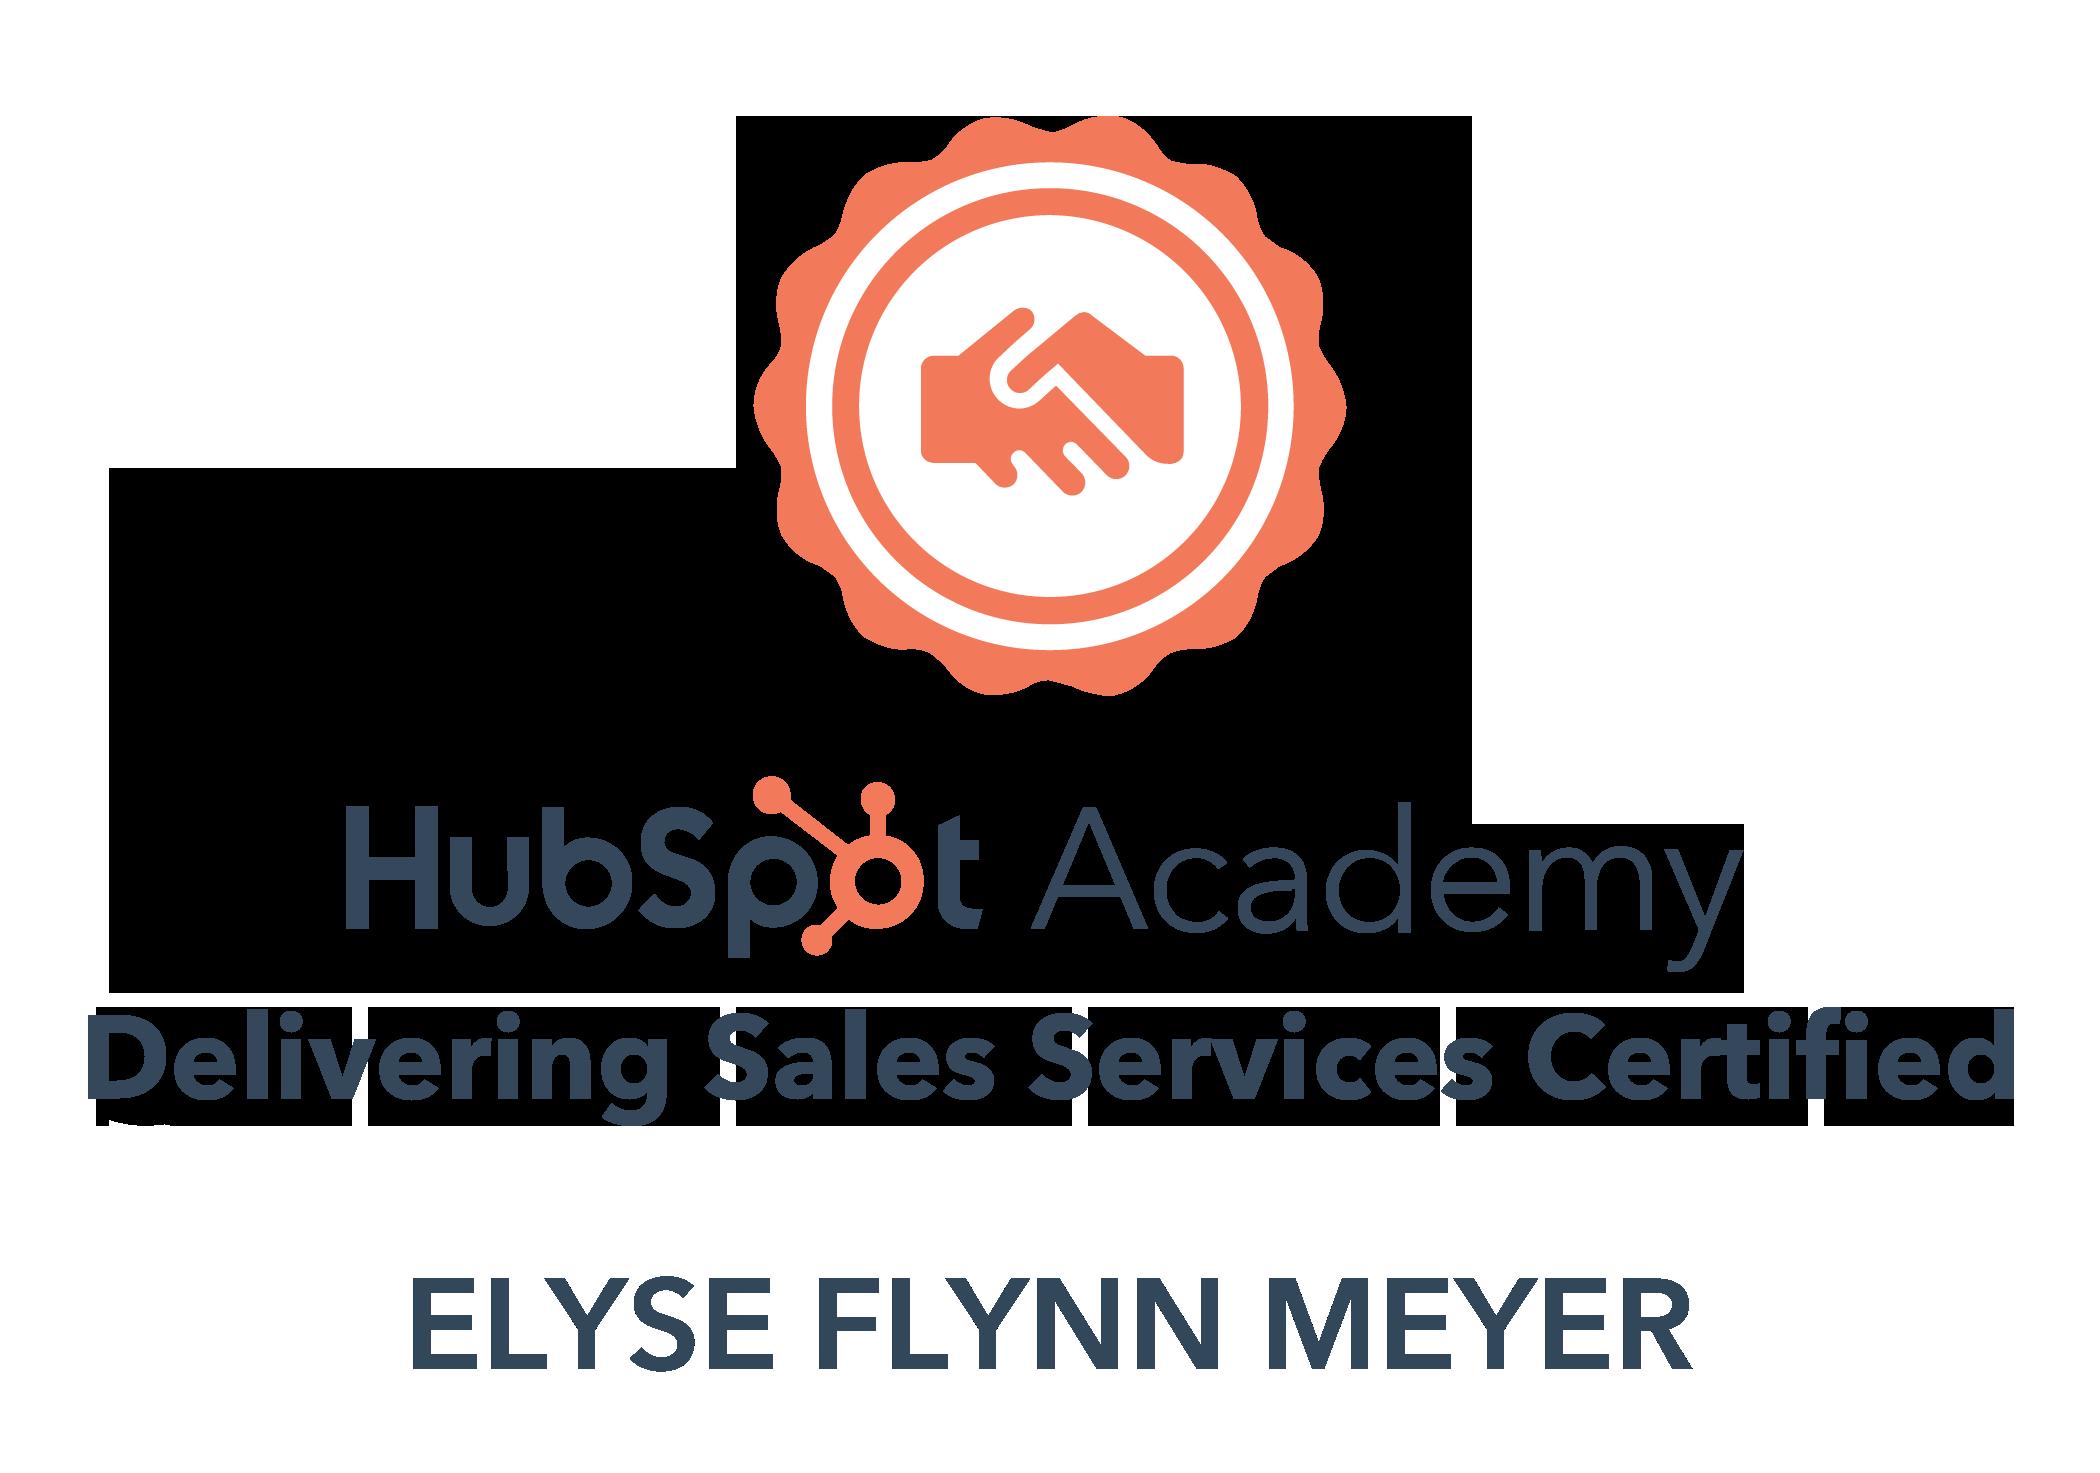 Delivering Sales Services Certification